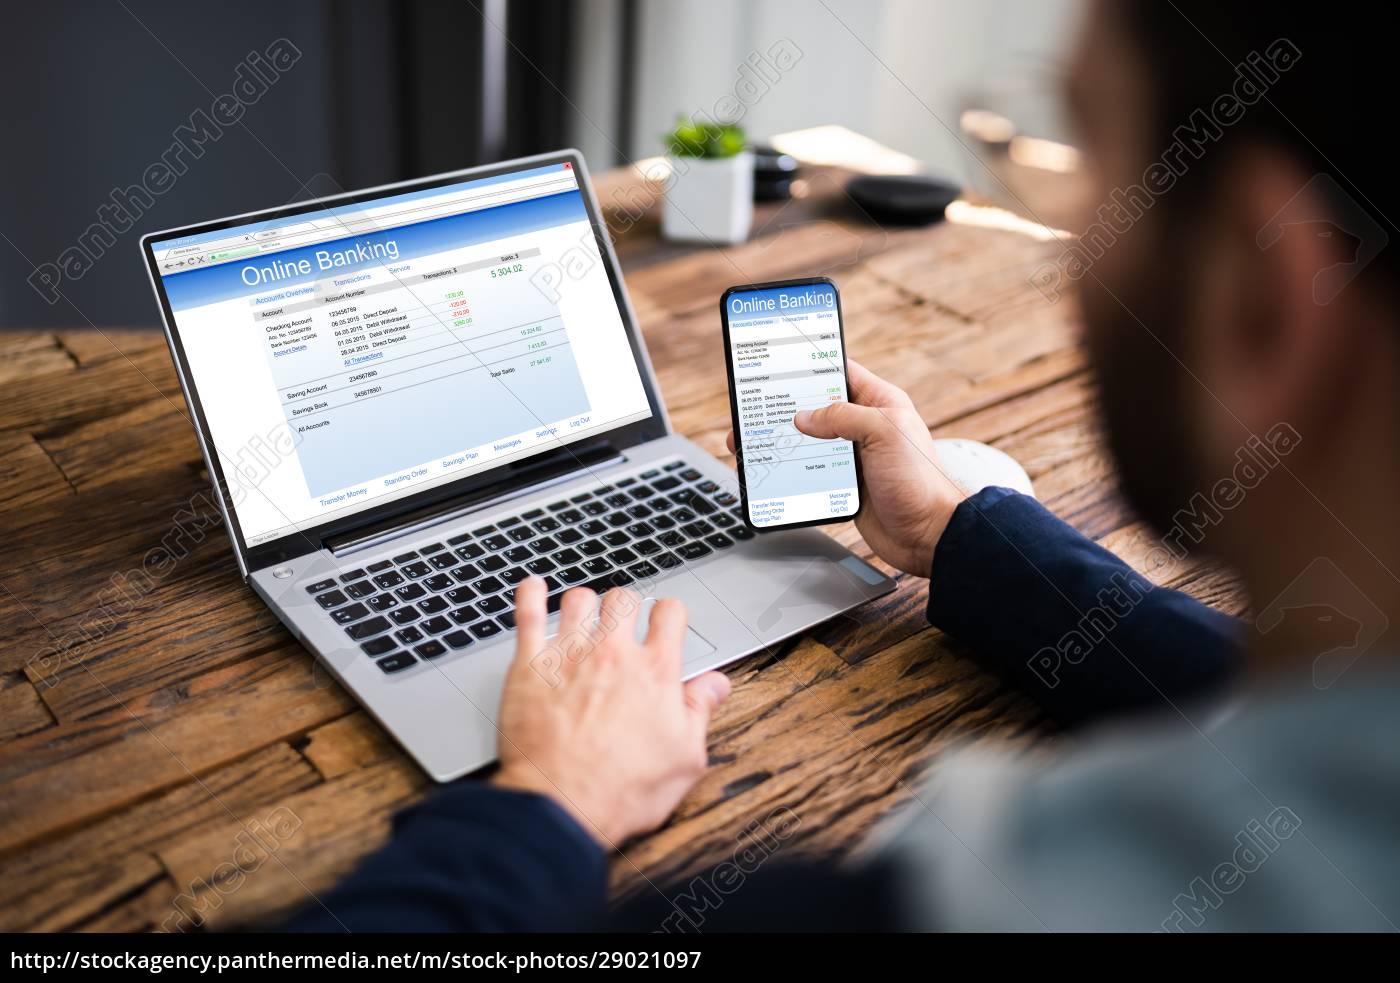 transação, de, dinheiro, bancário, on-line - 29021097